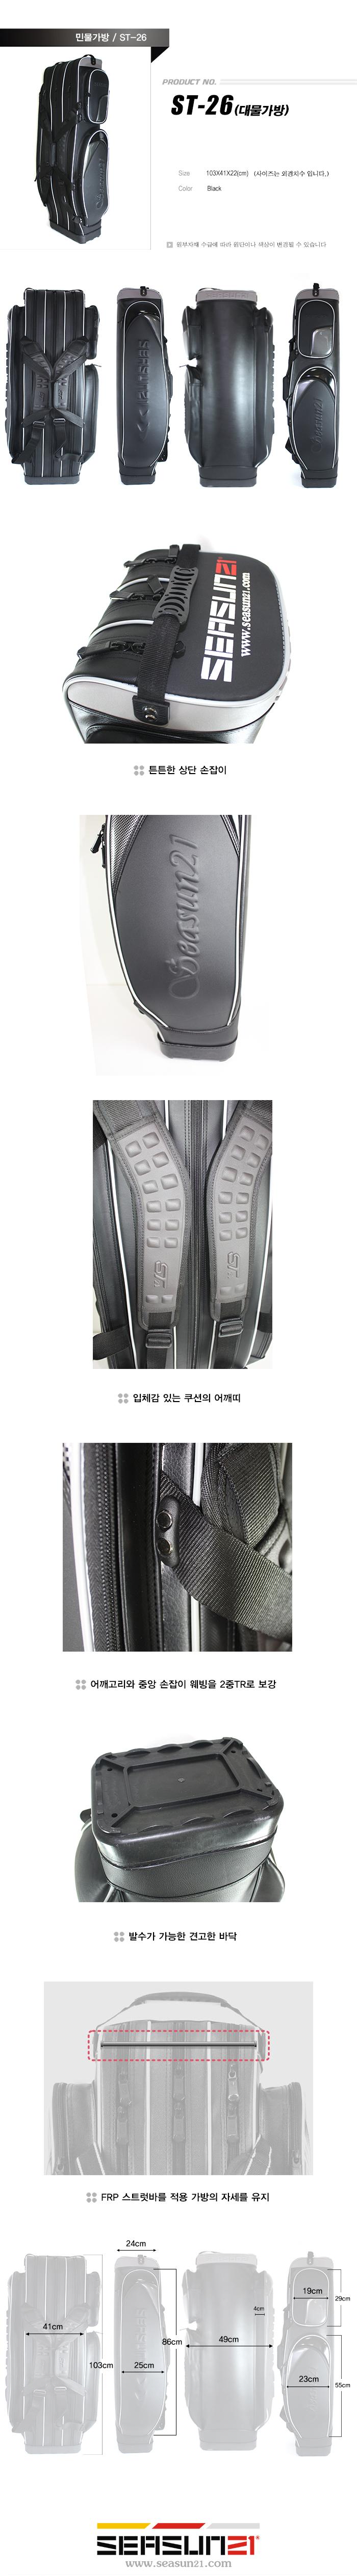 시선 ST-26 대물 민물가방 민물가방 시선가방 가방 낚시대가방 대물가방 민물낚시가방 시선대물가방